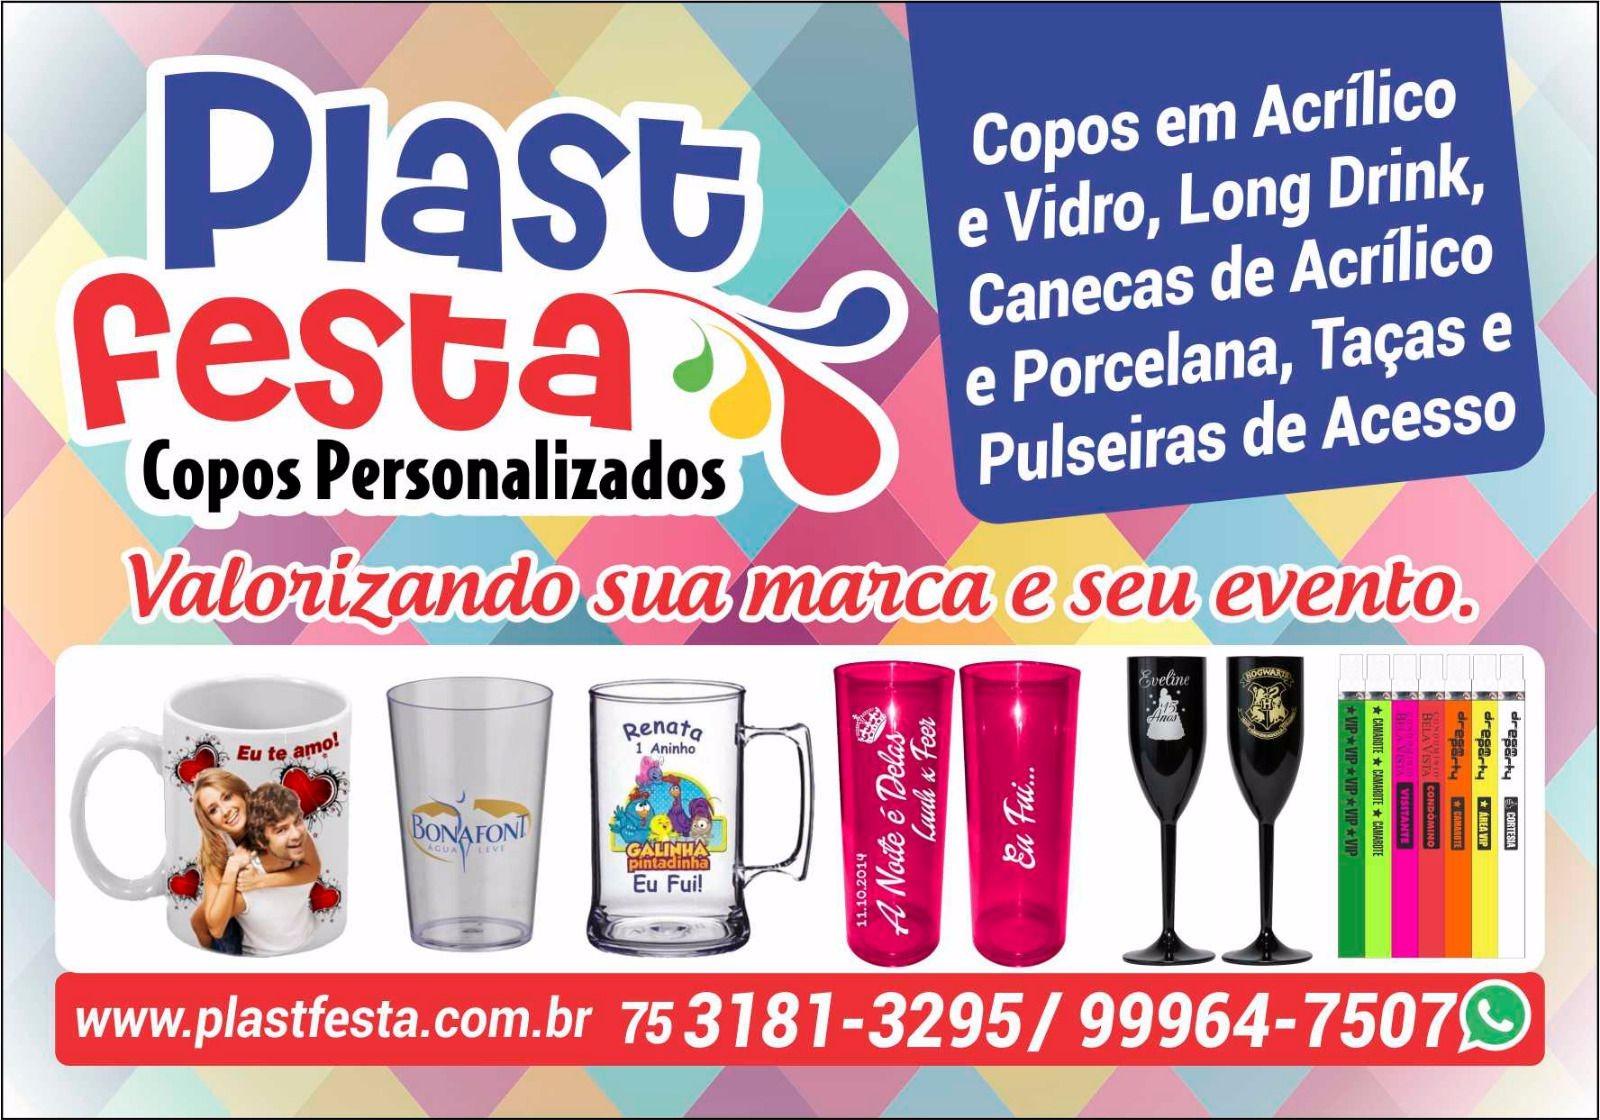 PLAST FESTA